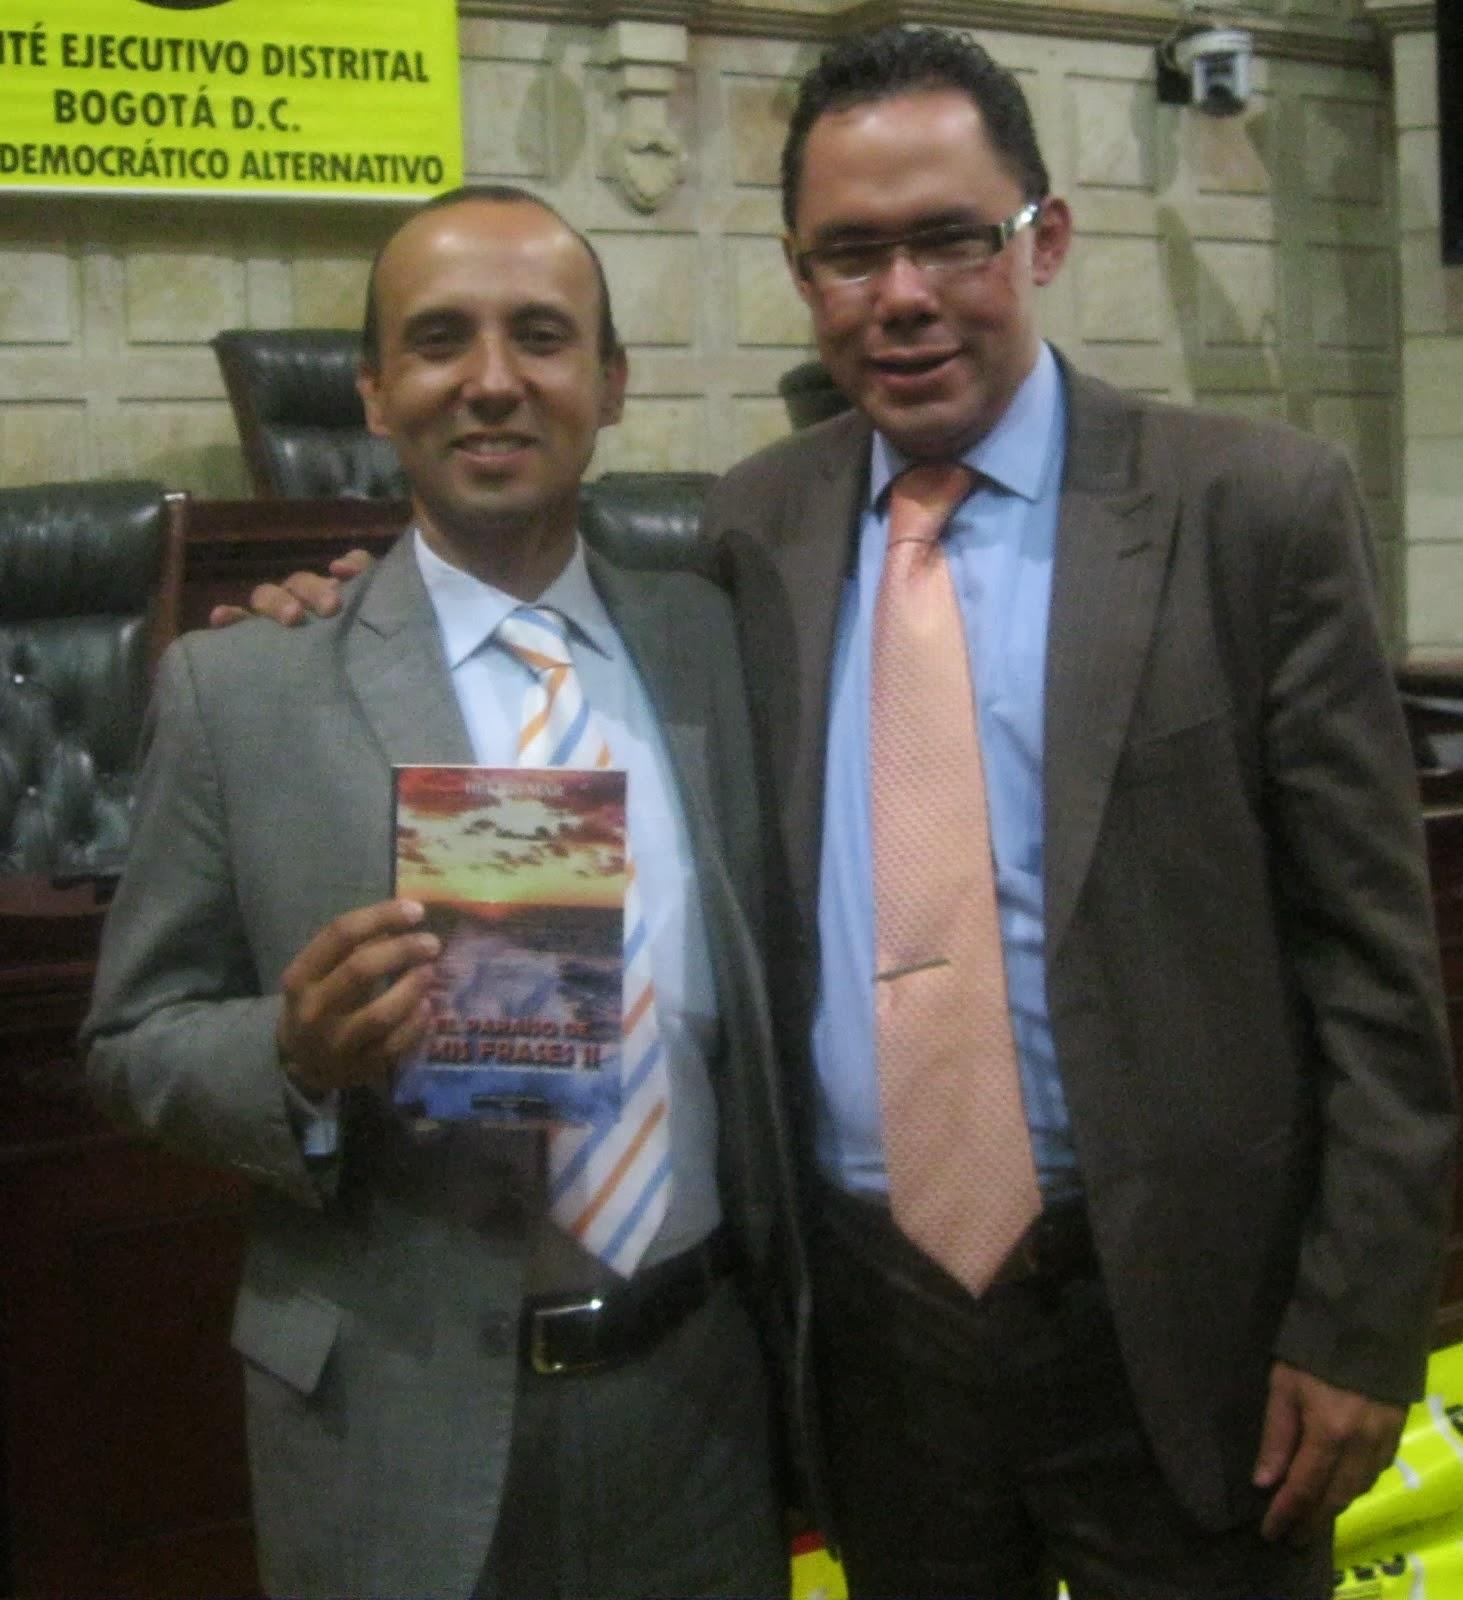 HELIOS MAR con su amigo y seguidor, Dr. PEDRO RUBIO.